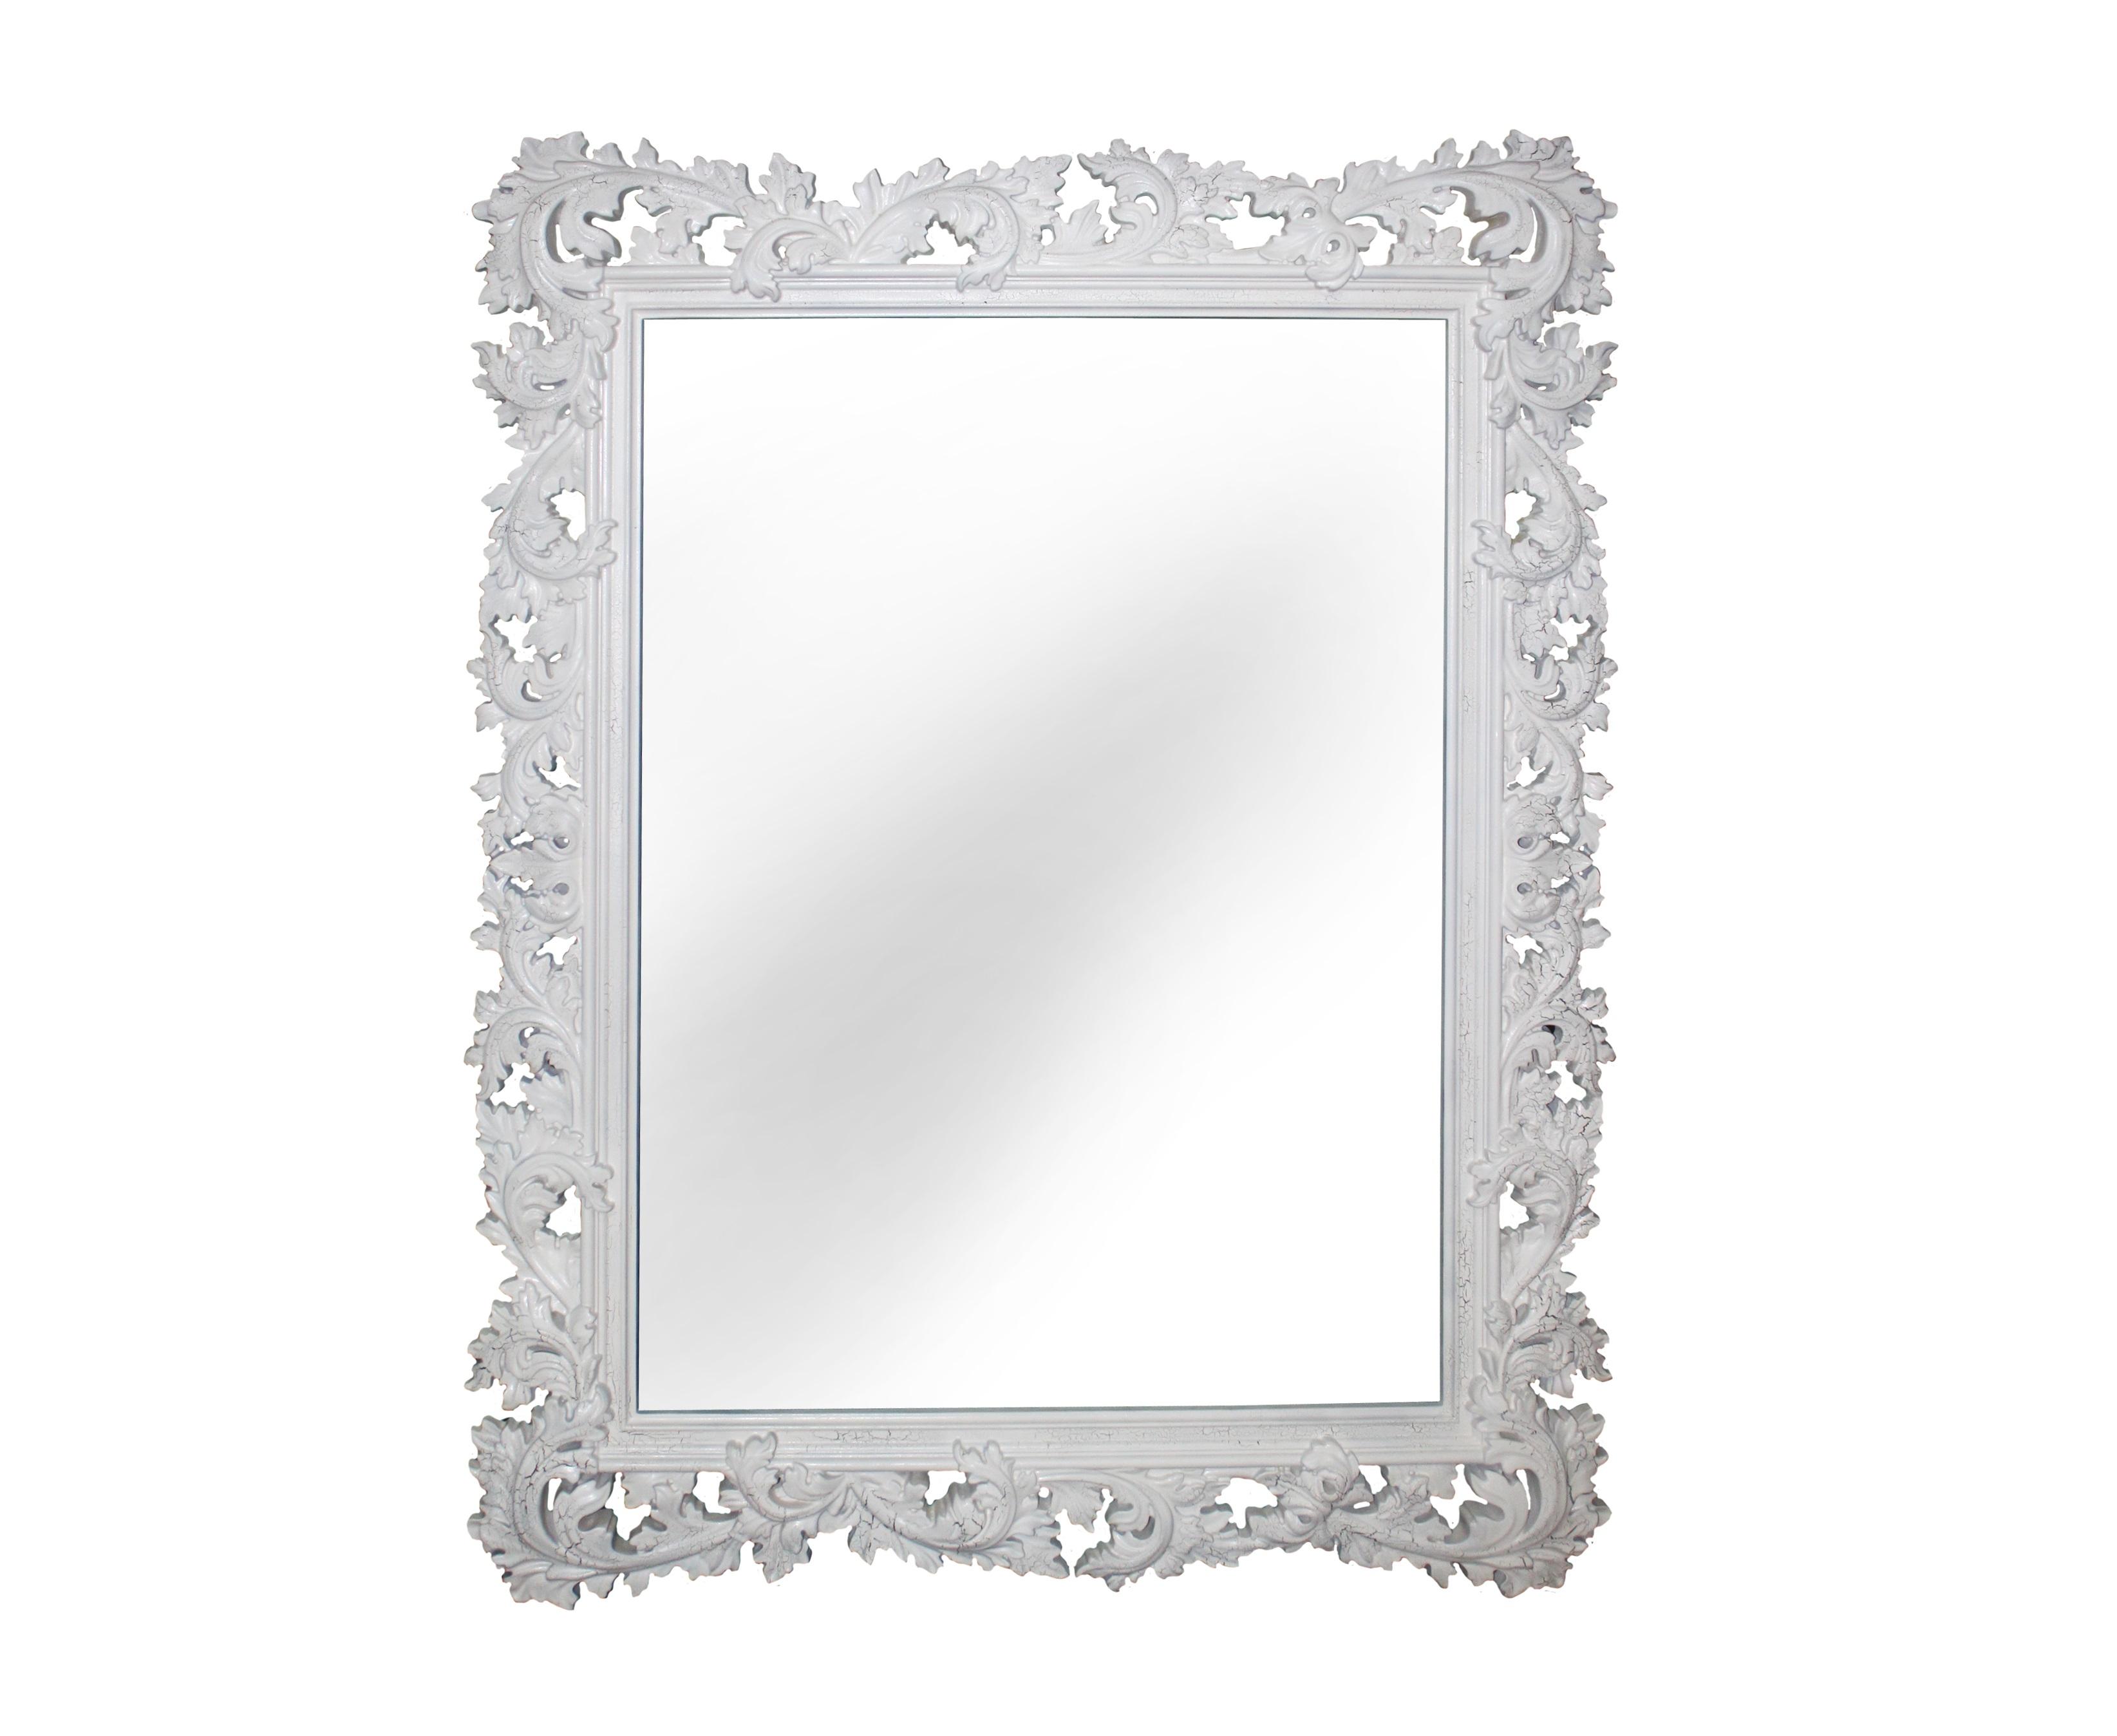 Зеркало АлианаНастенные зеркала<br><br><br>Material: Стекло<br>Length см: None<br>Width см: 88<br>Depth см: 4<br>Height см: 115